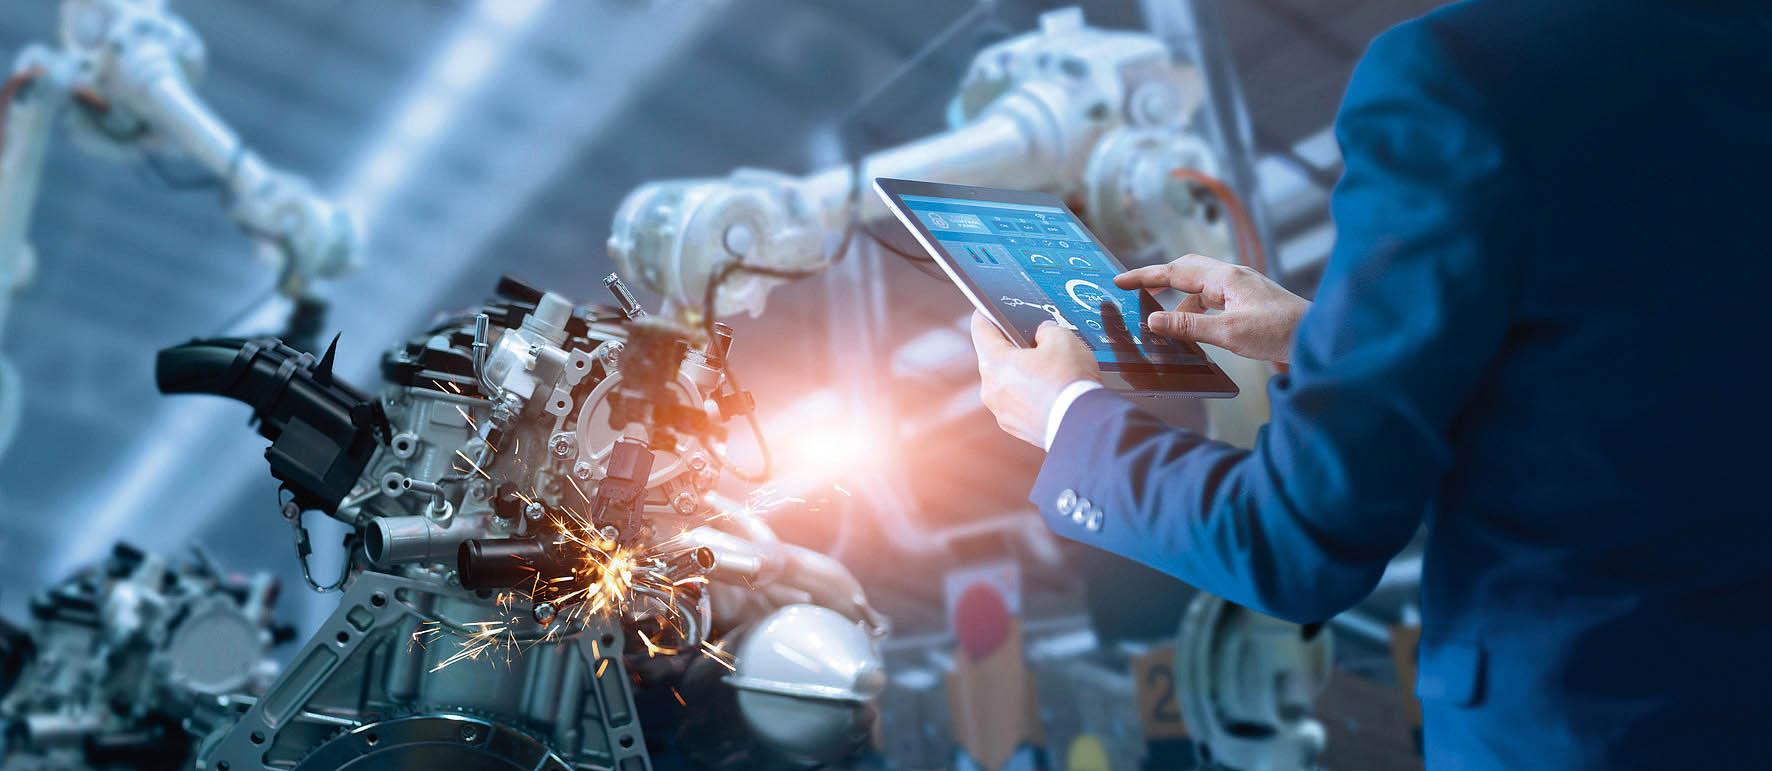 Technologie Průmyslu 4.0 vČesku vnejvyšší míře adaptuje automobilový průmysl.